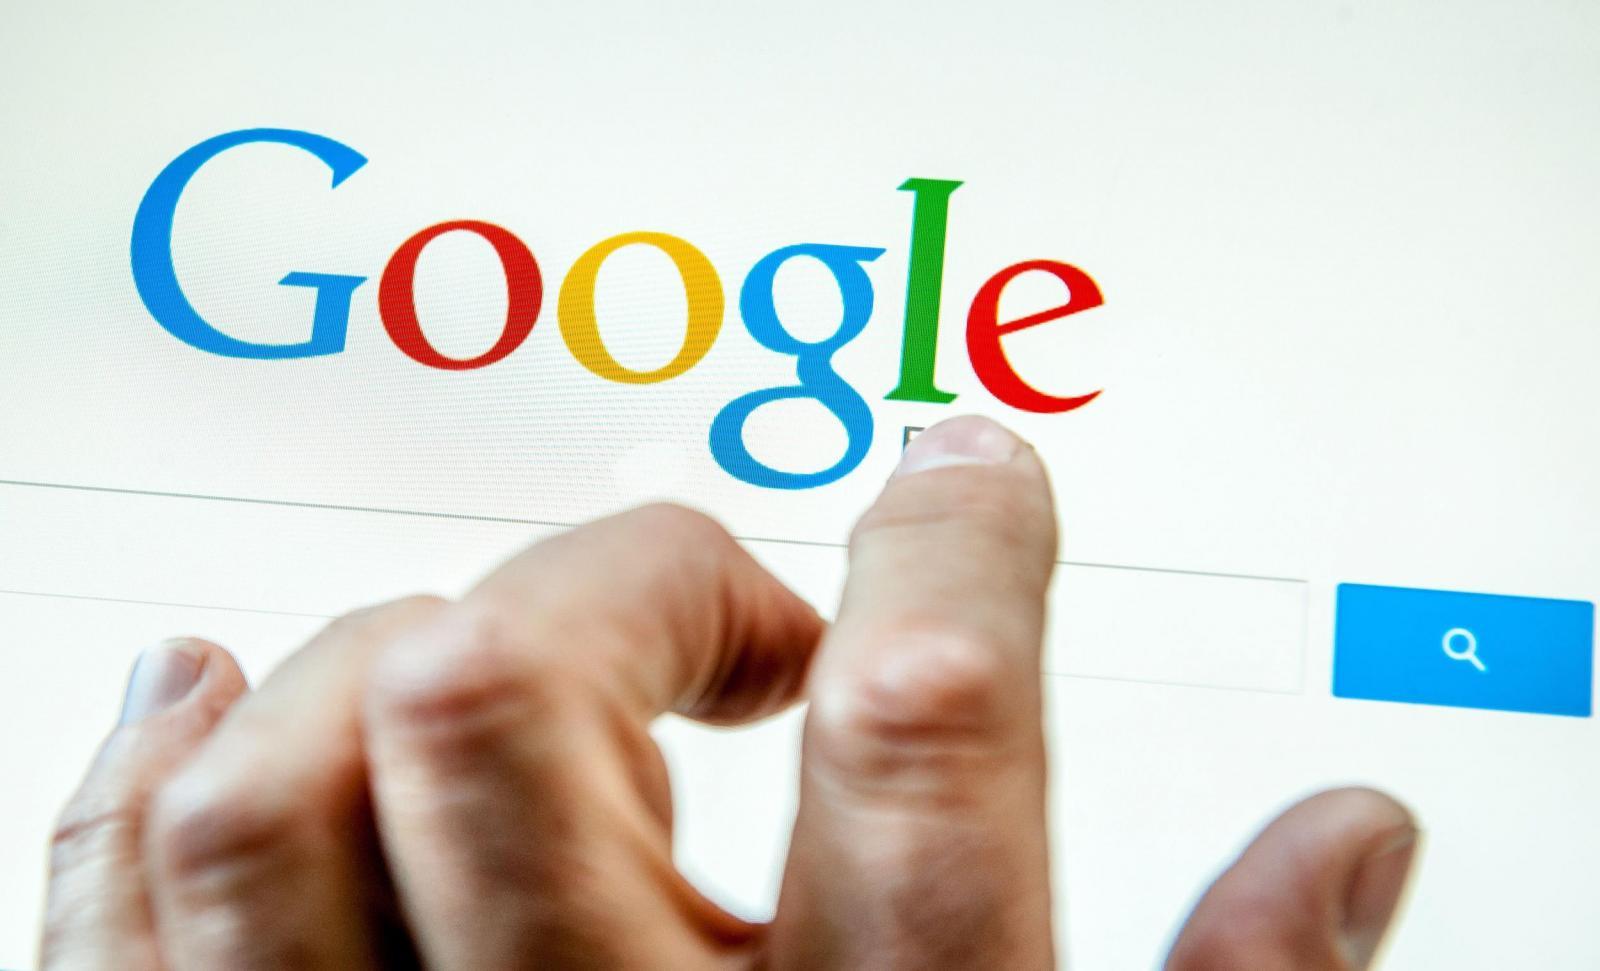 Google implementa nuevas funcionalidades para realizar búsquedas especificas